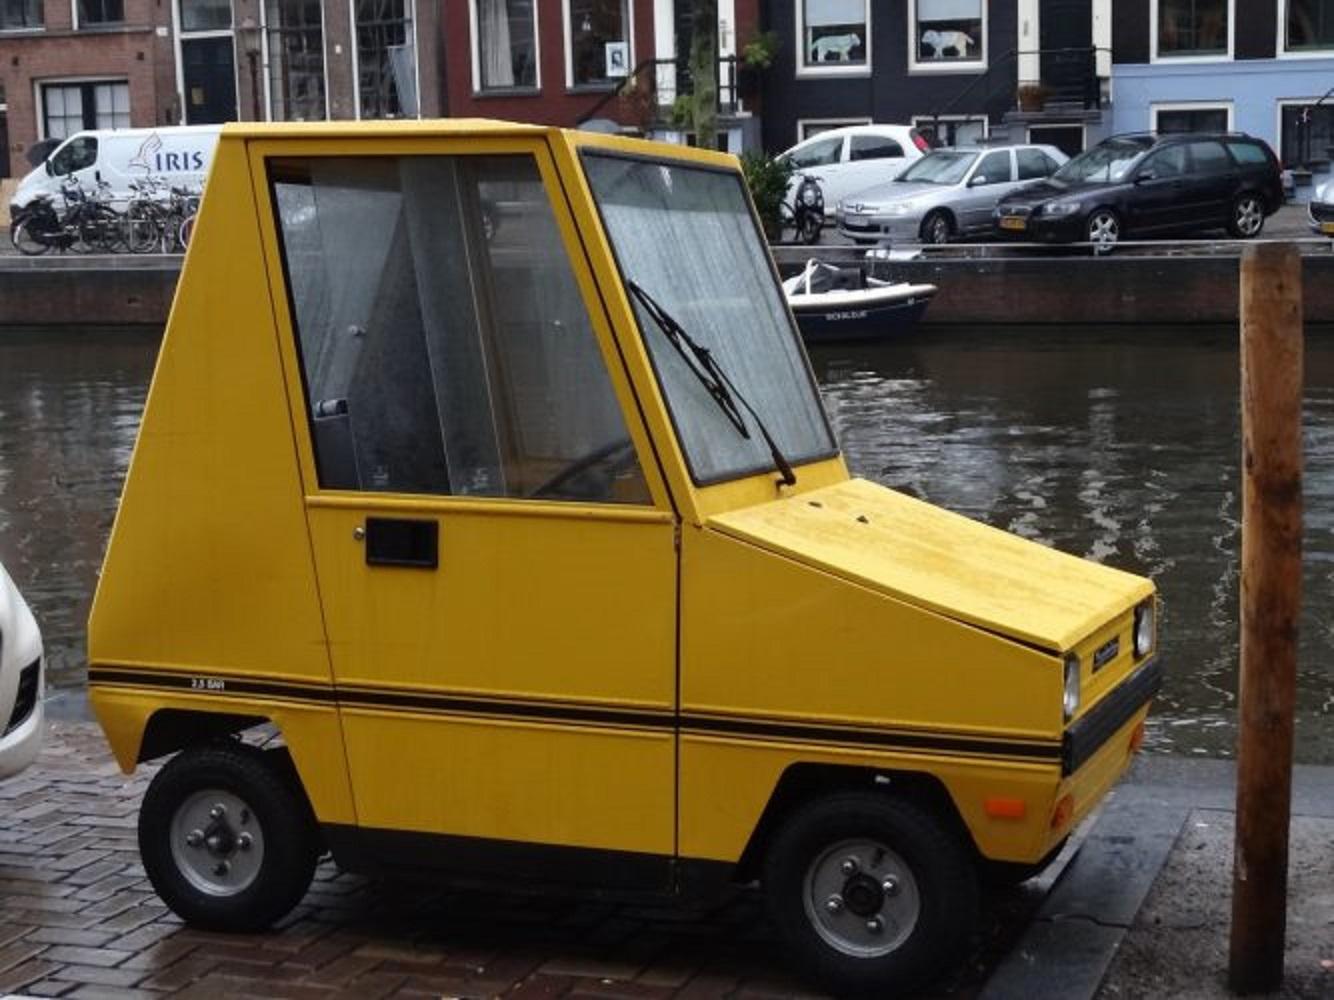 Tiny, tiny car ~